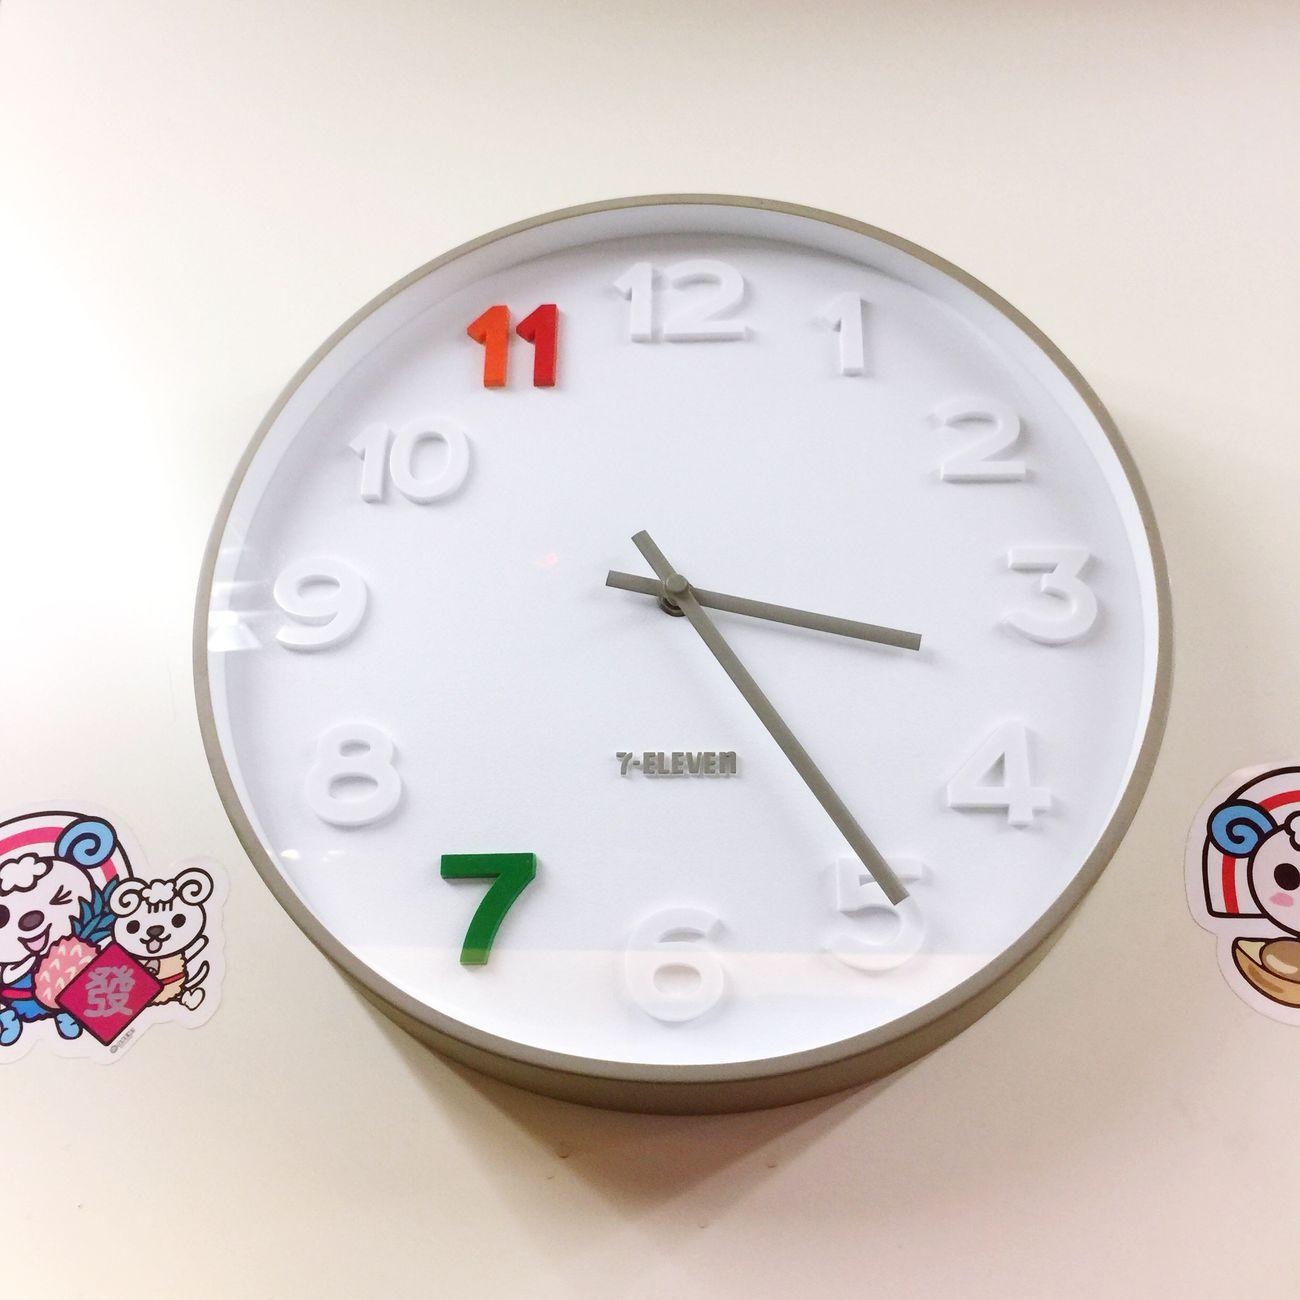 物 Clock Time Clock Face Close-up No People Indoors  Minute Hand White Background Hour Hand Day